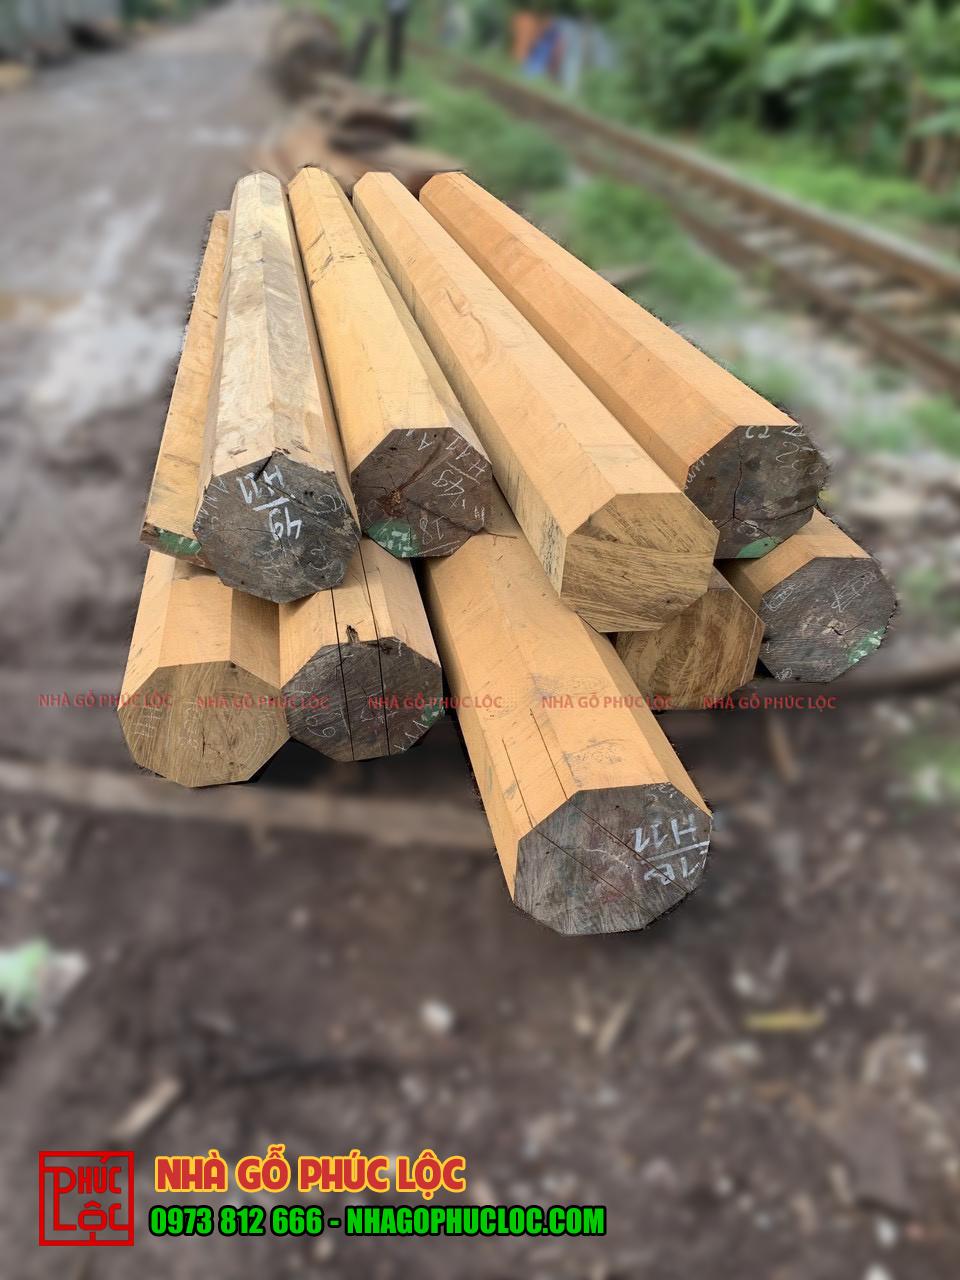 Cây gỗ lim được xẻ thành các cấu kiện nhỏ